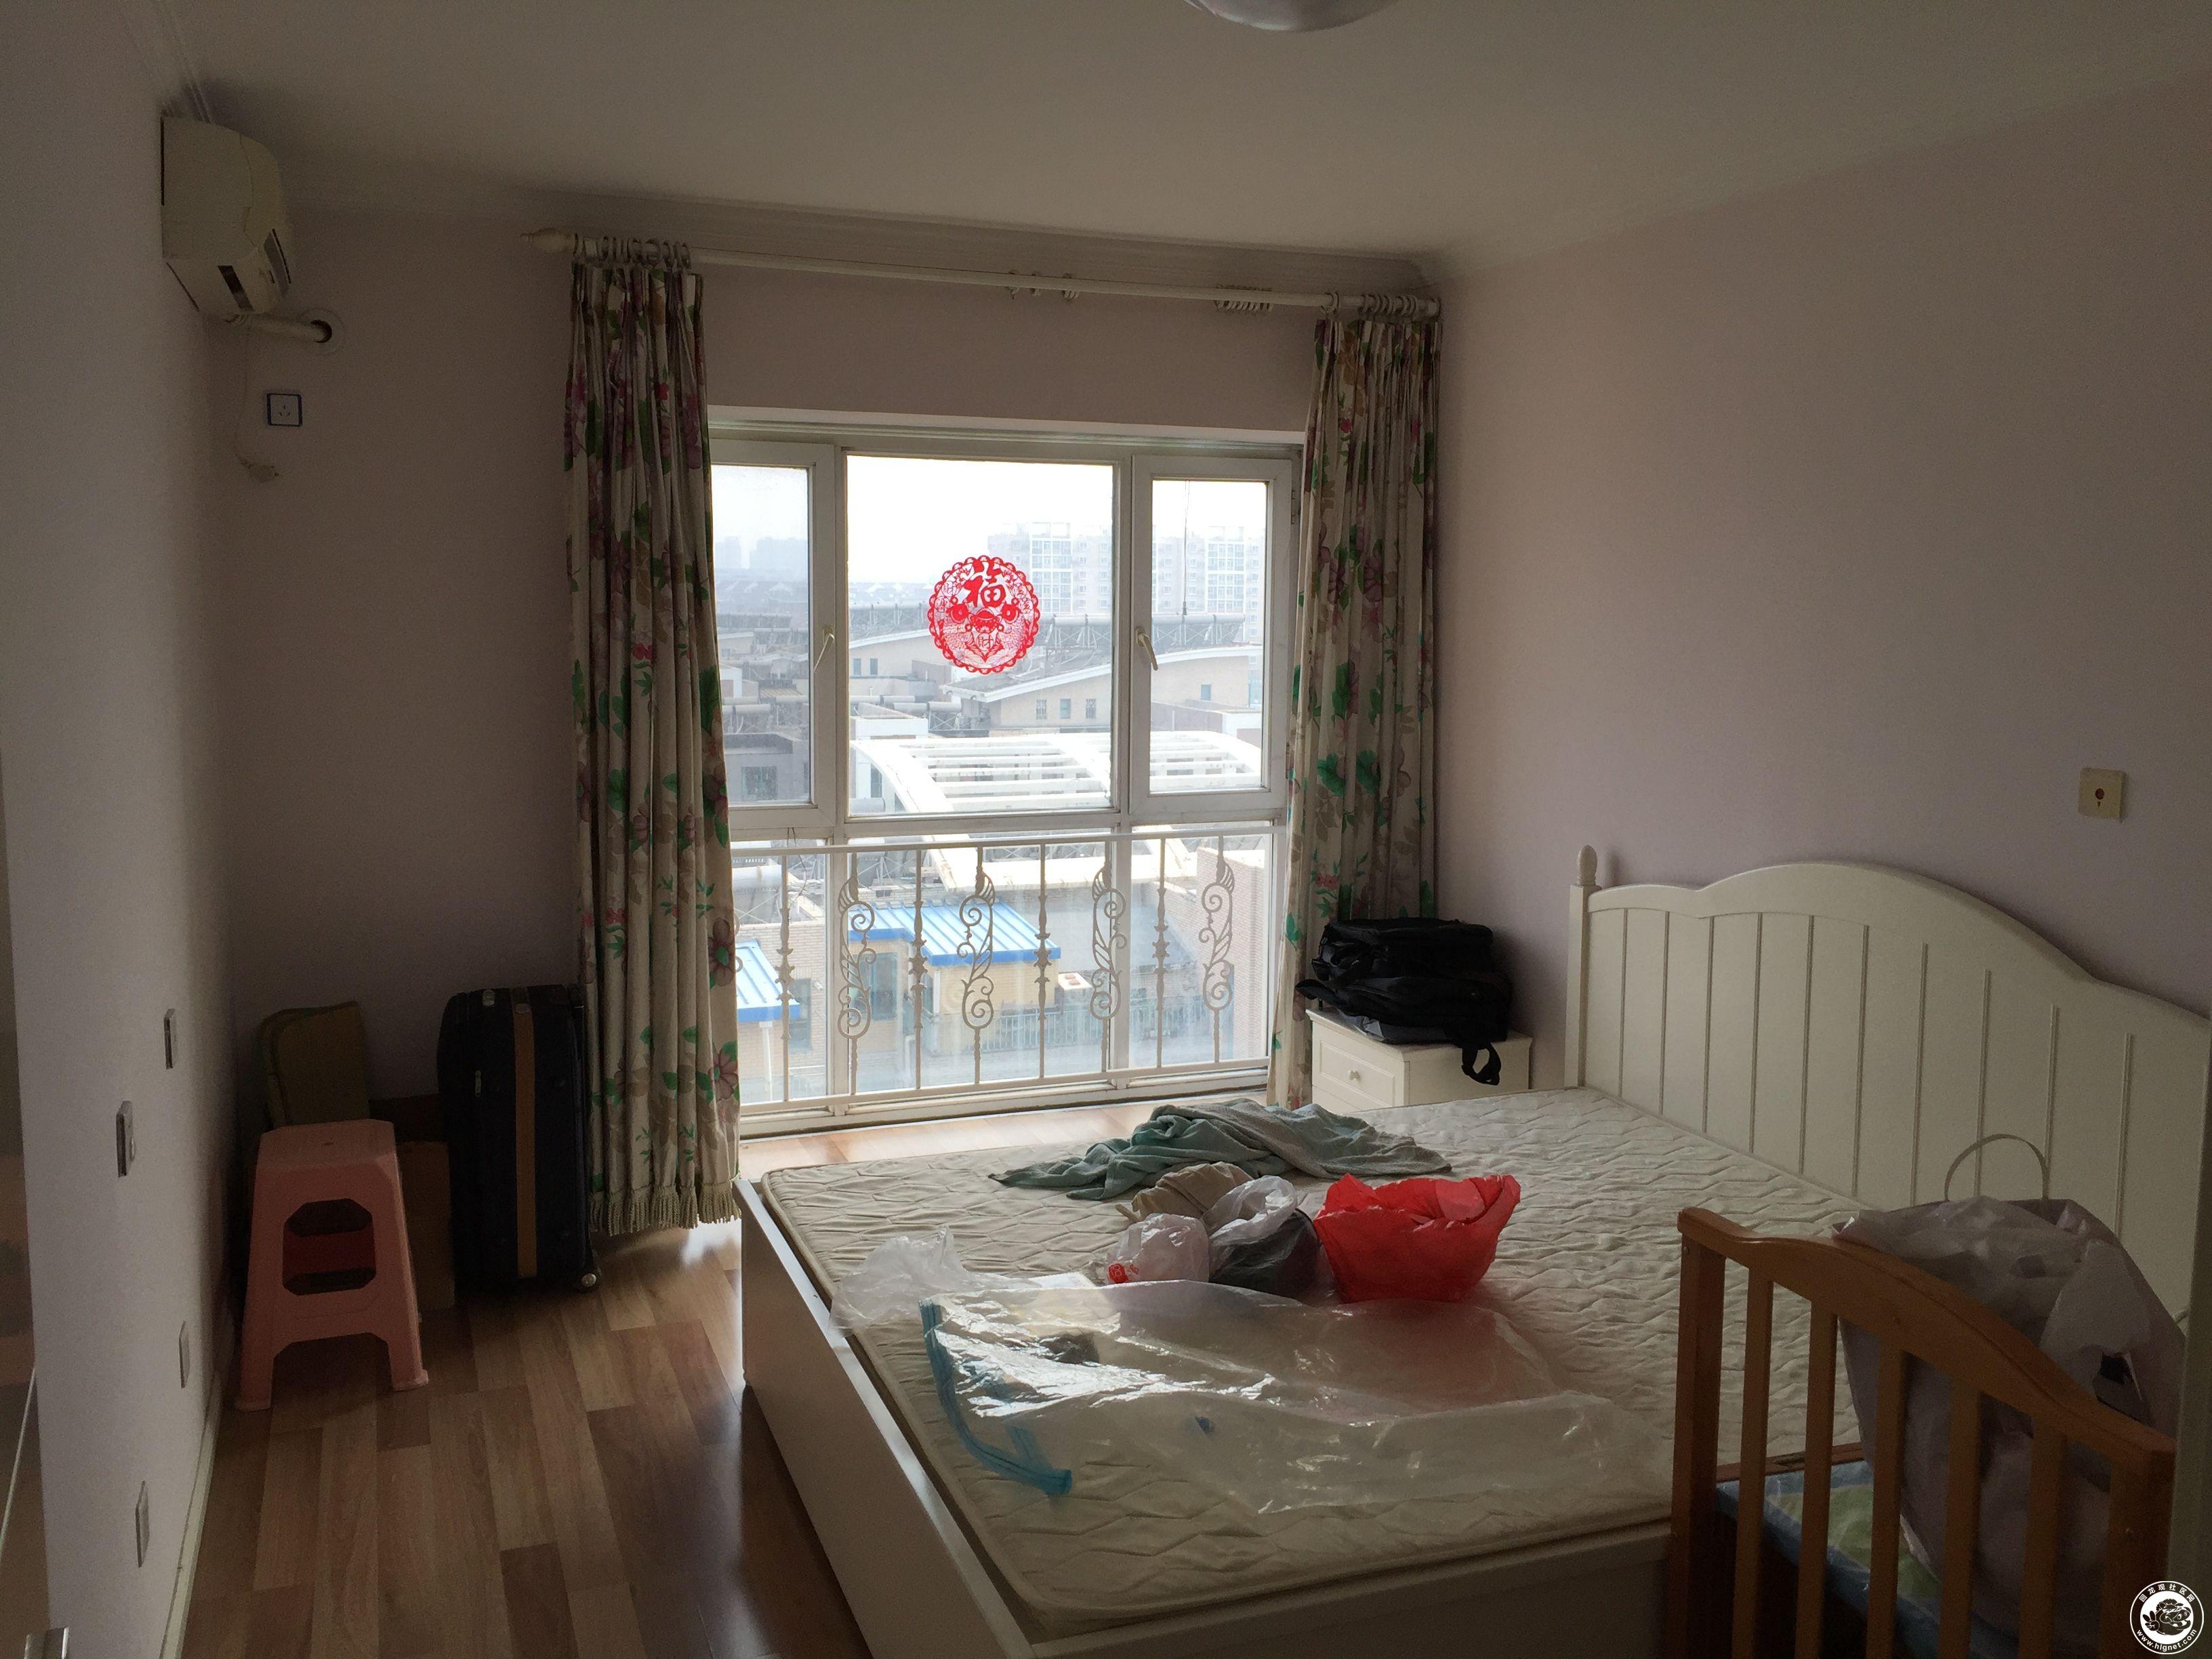 2個臥室為木地板,客廳為地板磚,隨時入住,要求租戶干凈,整潔,租金為